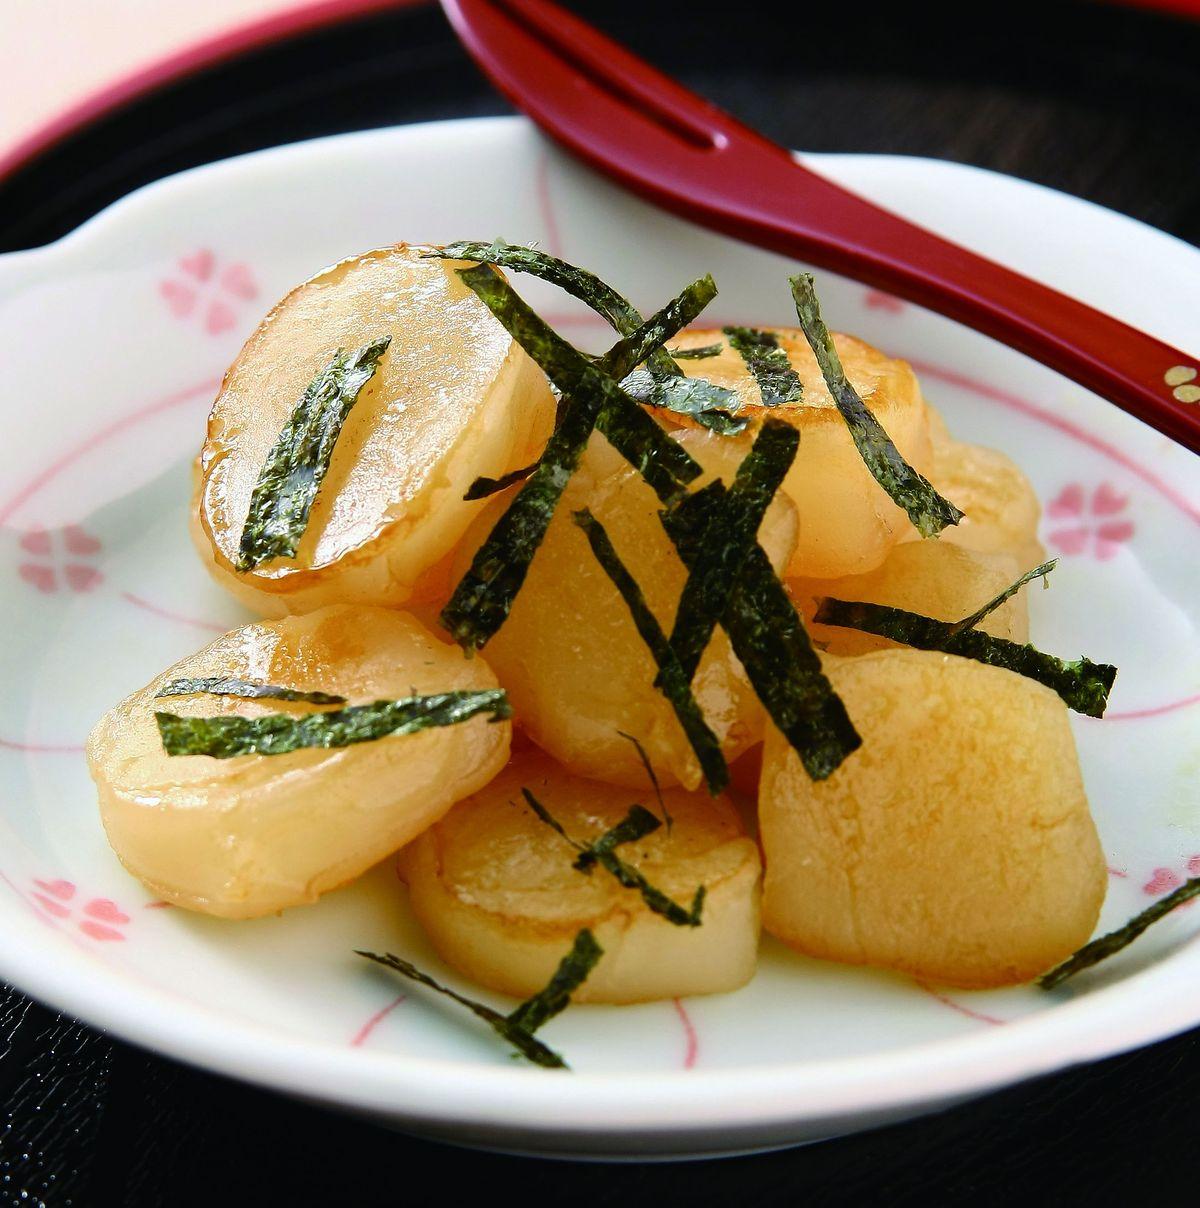 食譜:海苔醬油麻糬燒